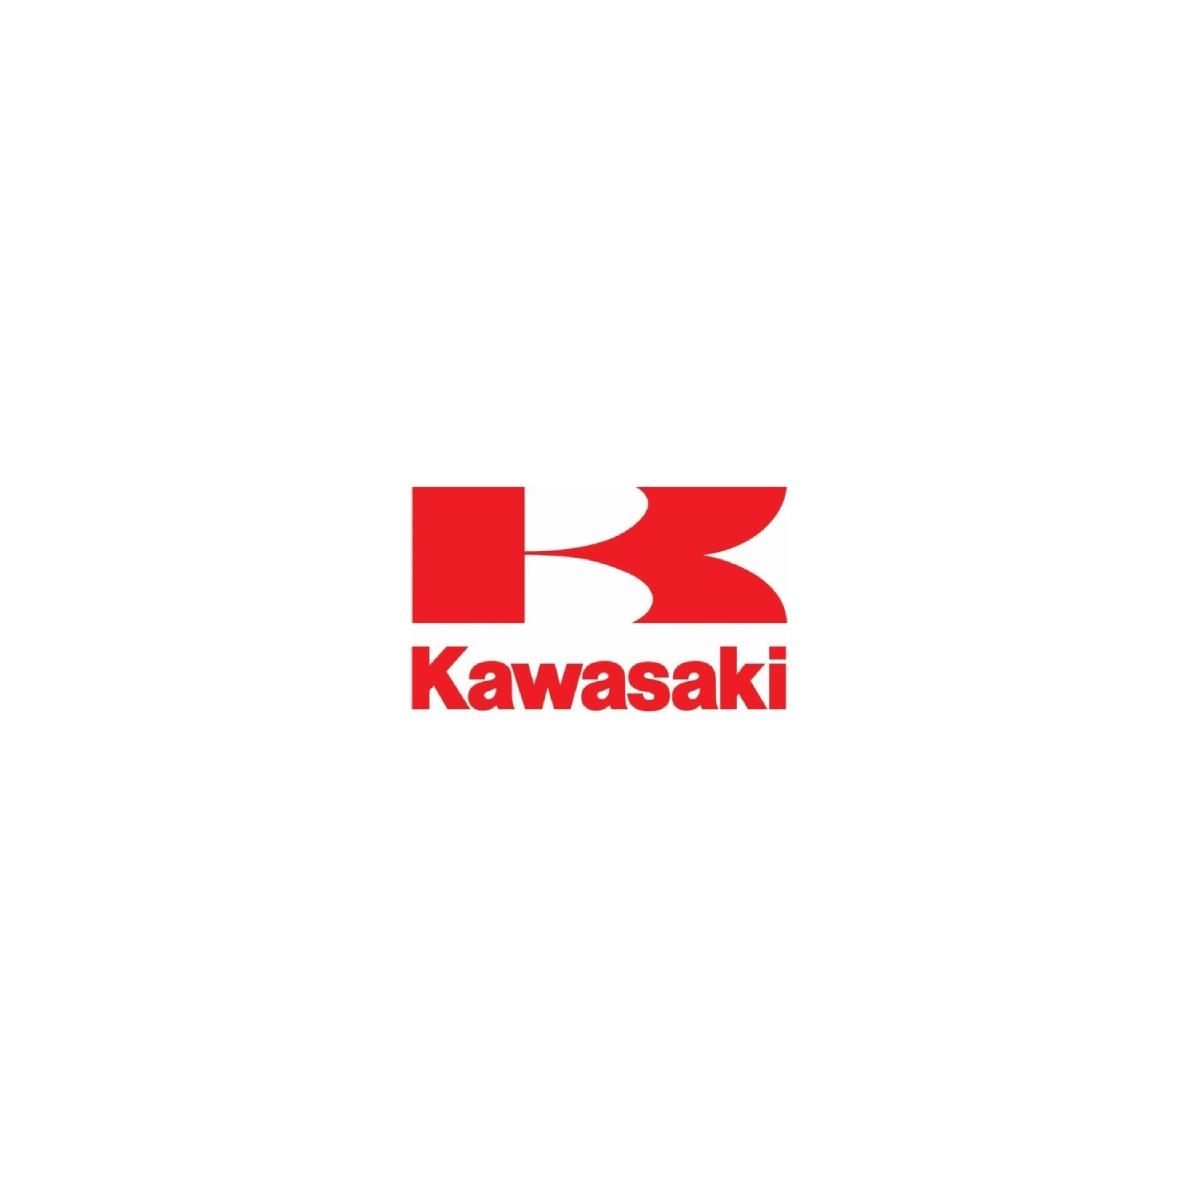 Bujão de Casco Kawasaki Original  - Radical Peças - Peças para Jet Ski